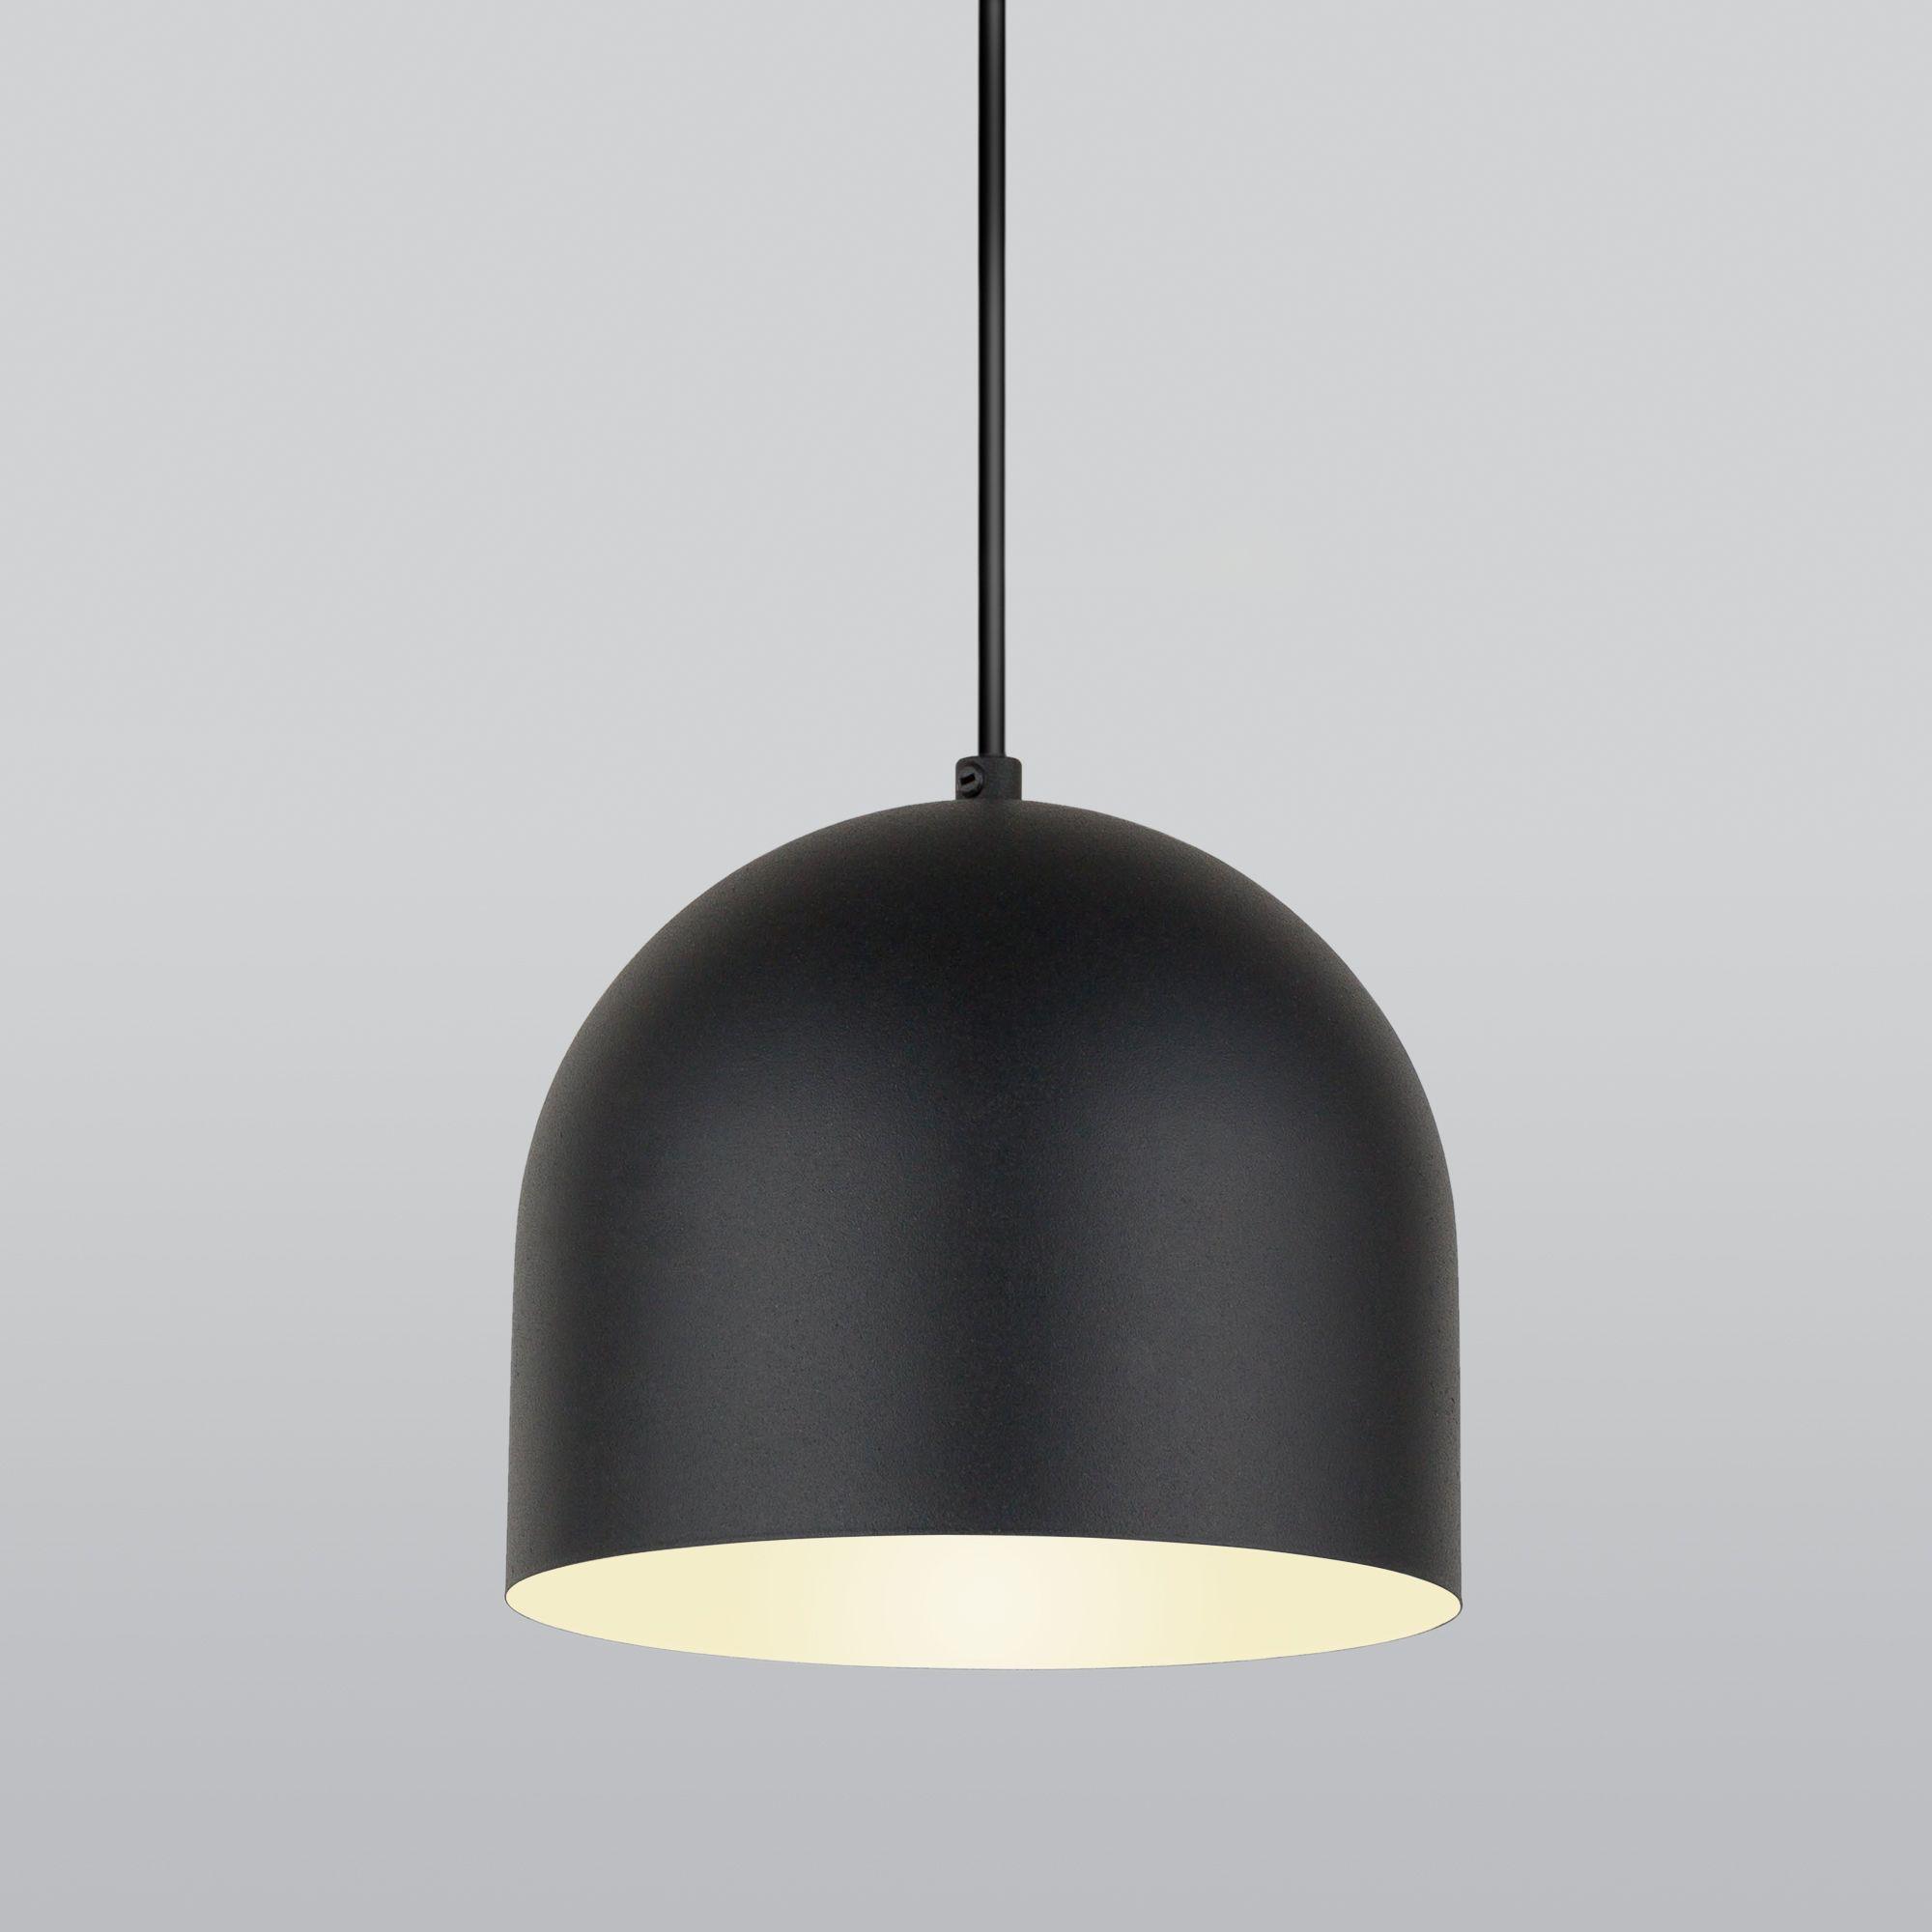 Подвесной светильник 2618 Tempre